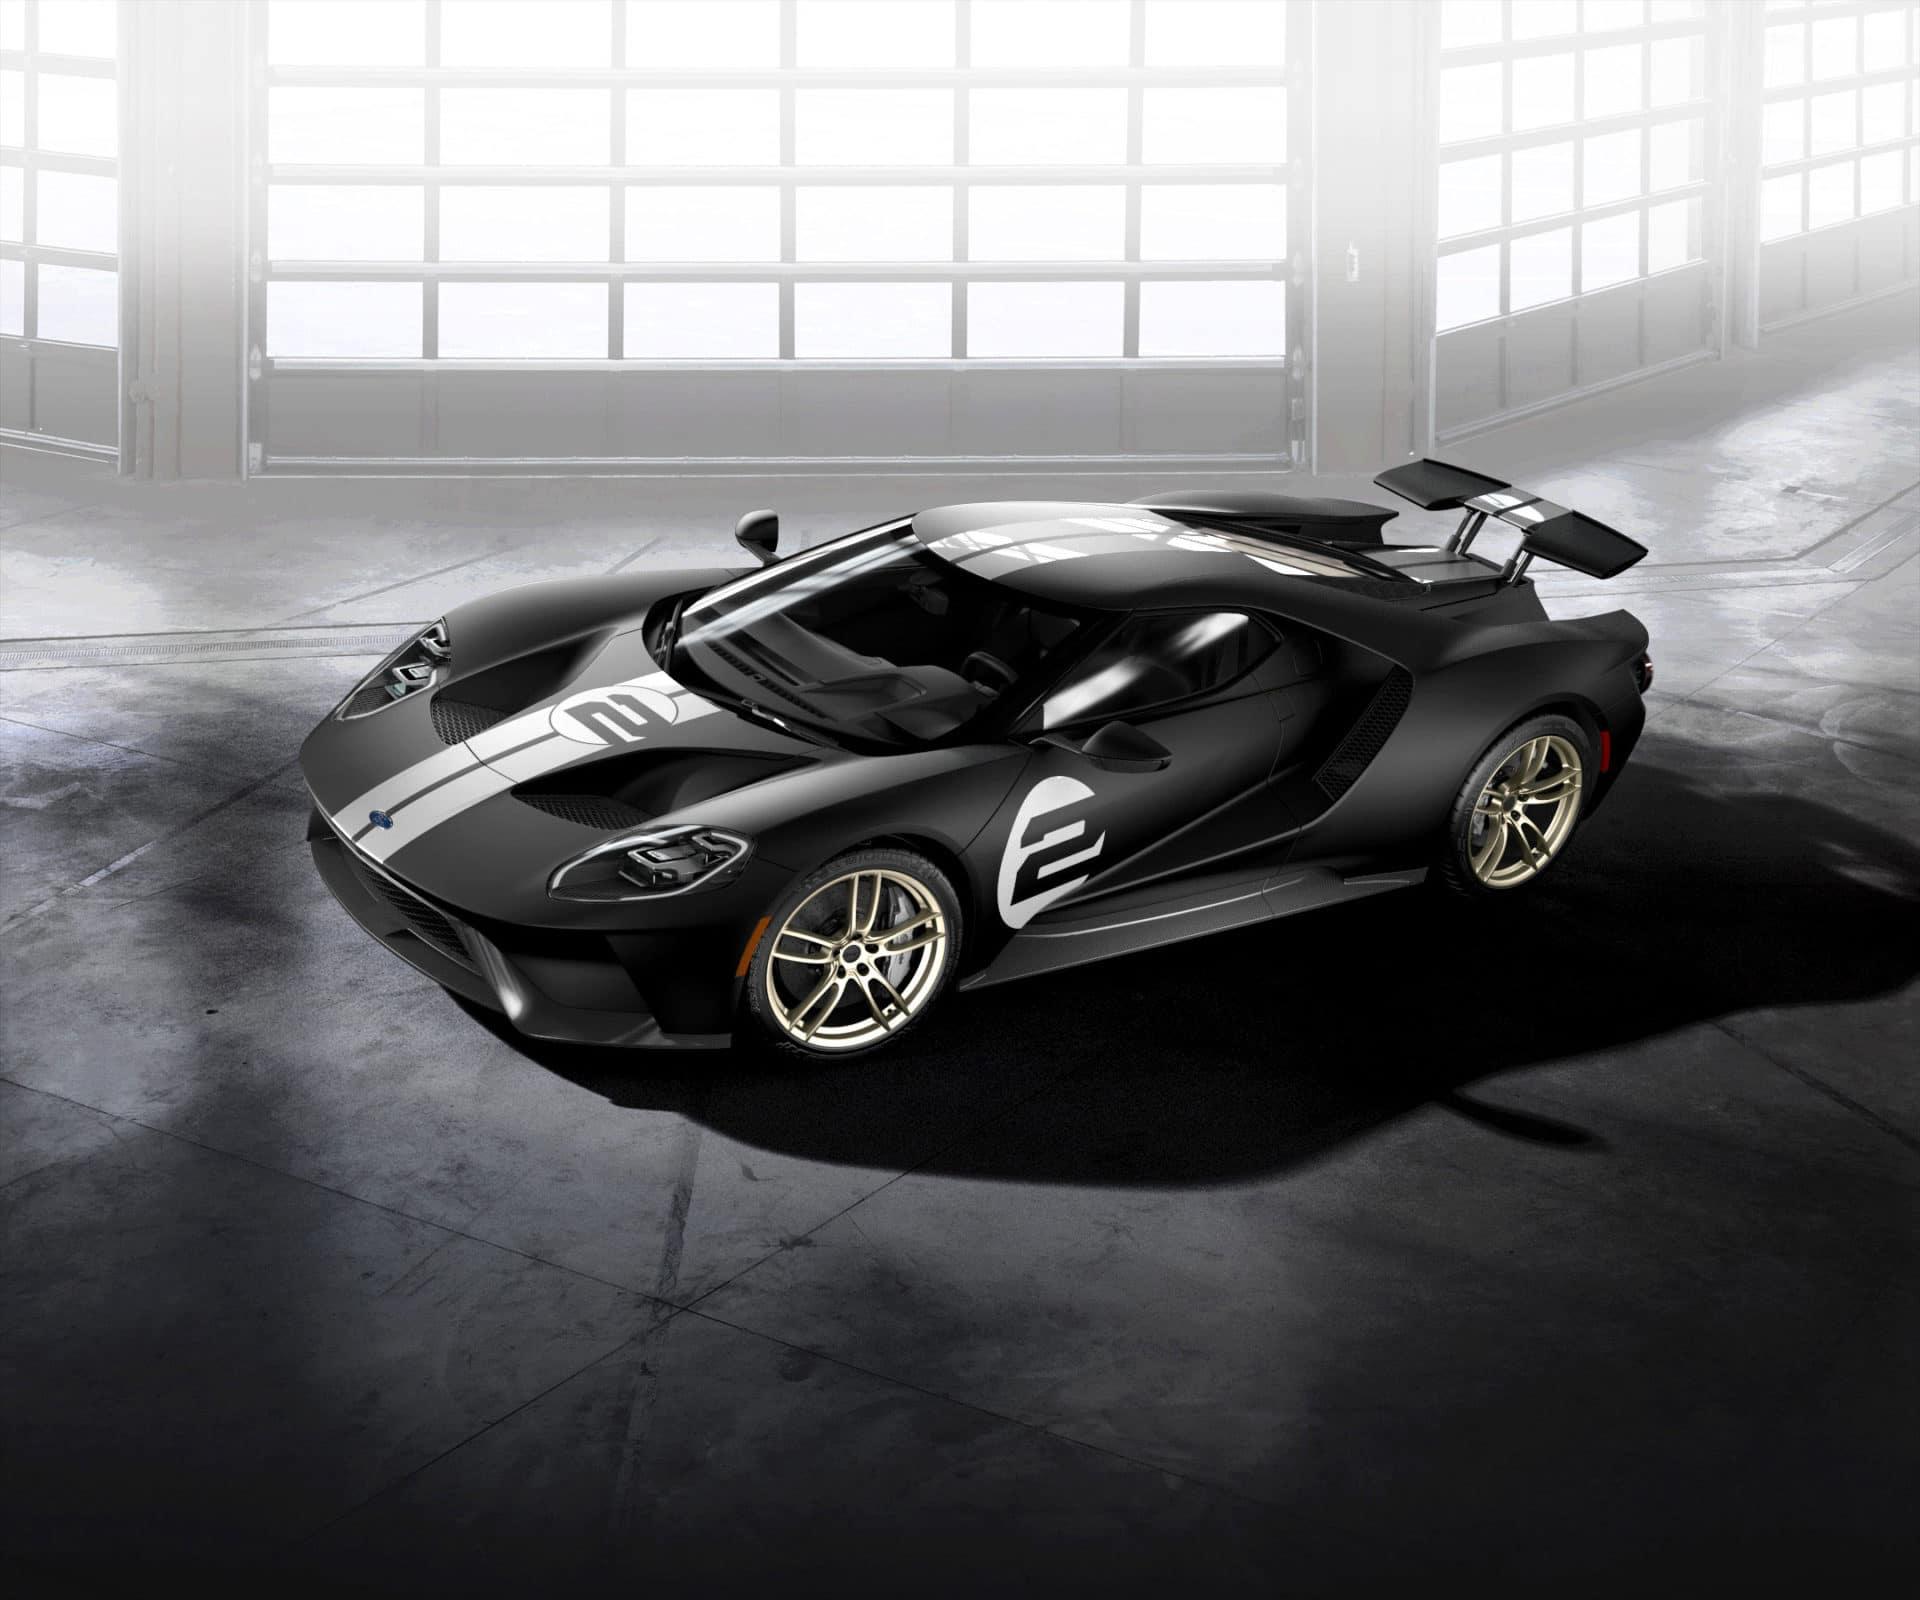 Ford GT: Sondermodell '66 Heritage Edition erinnert an das legendäre Le Mans-Siegerauto von 1966 copyright: Ford-Werke GmbH